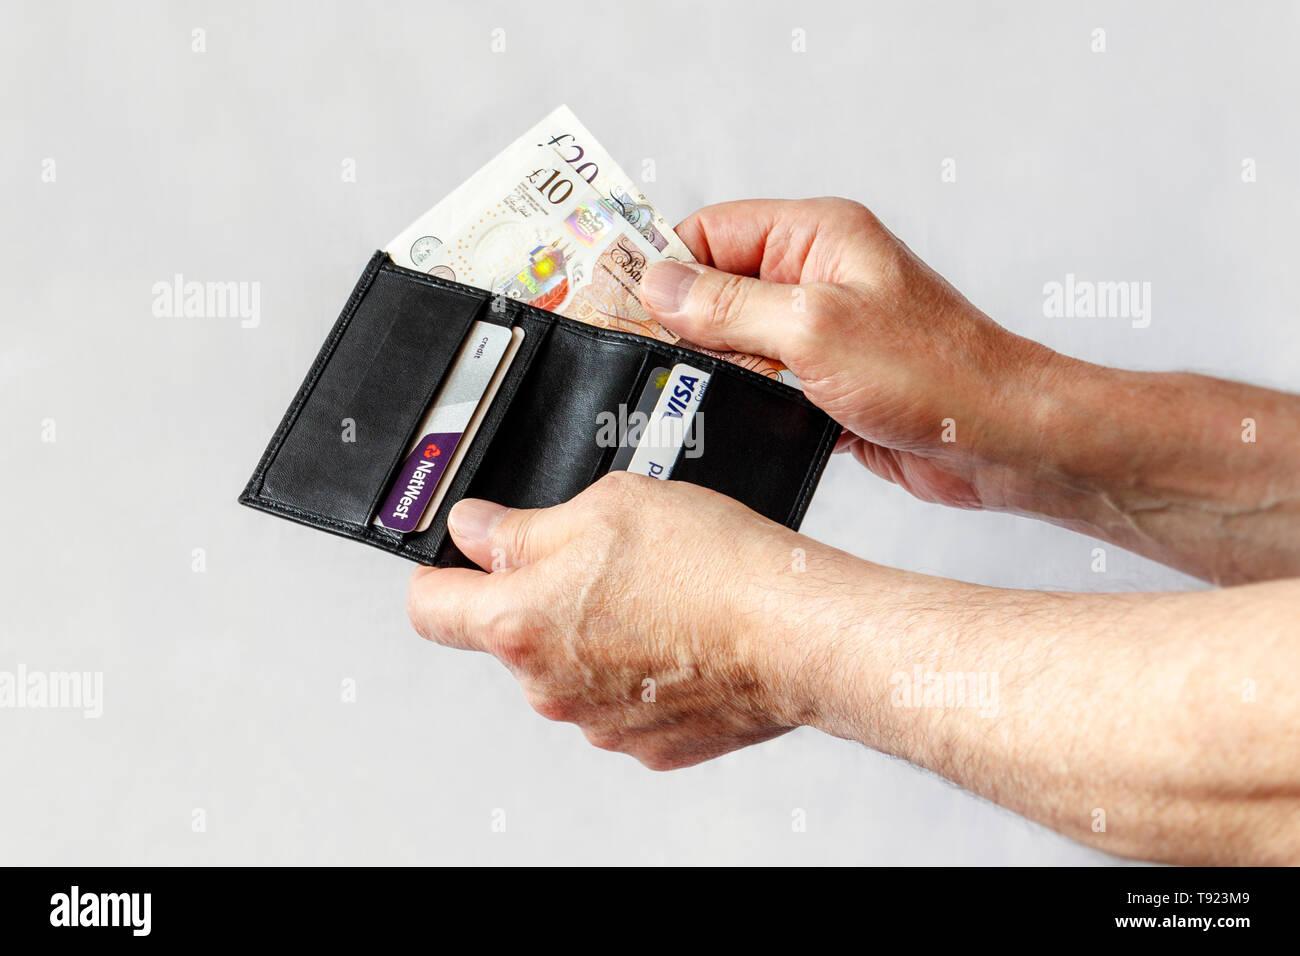 Nahaufnahmen der Hände des Menschen unter 10 lbs und 20 lbs Hinweis von einem schwarzen Lederetui, auch mit Kreditkarten Stockfoto